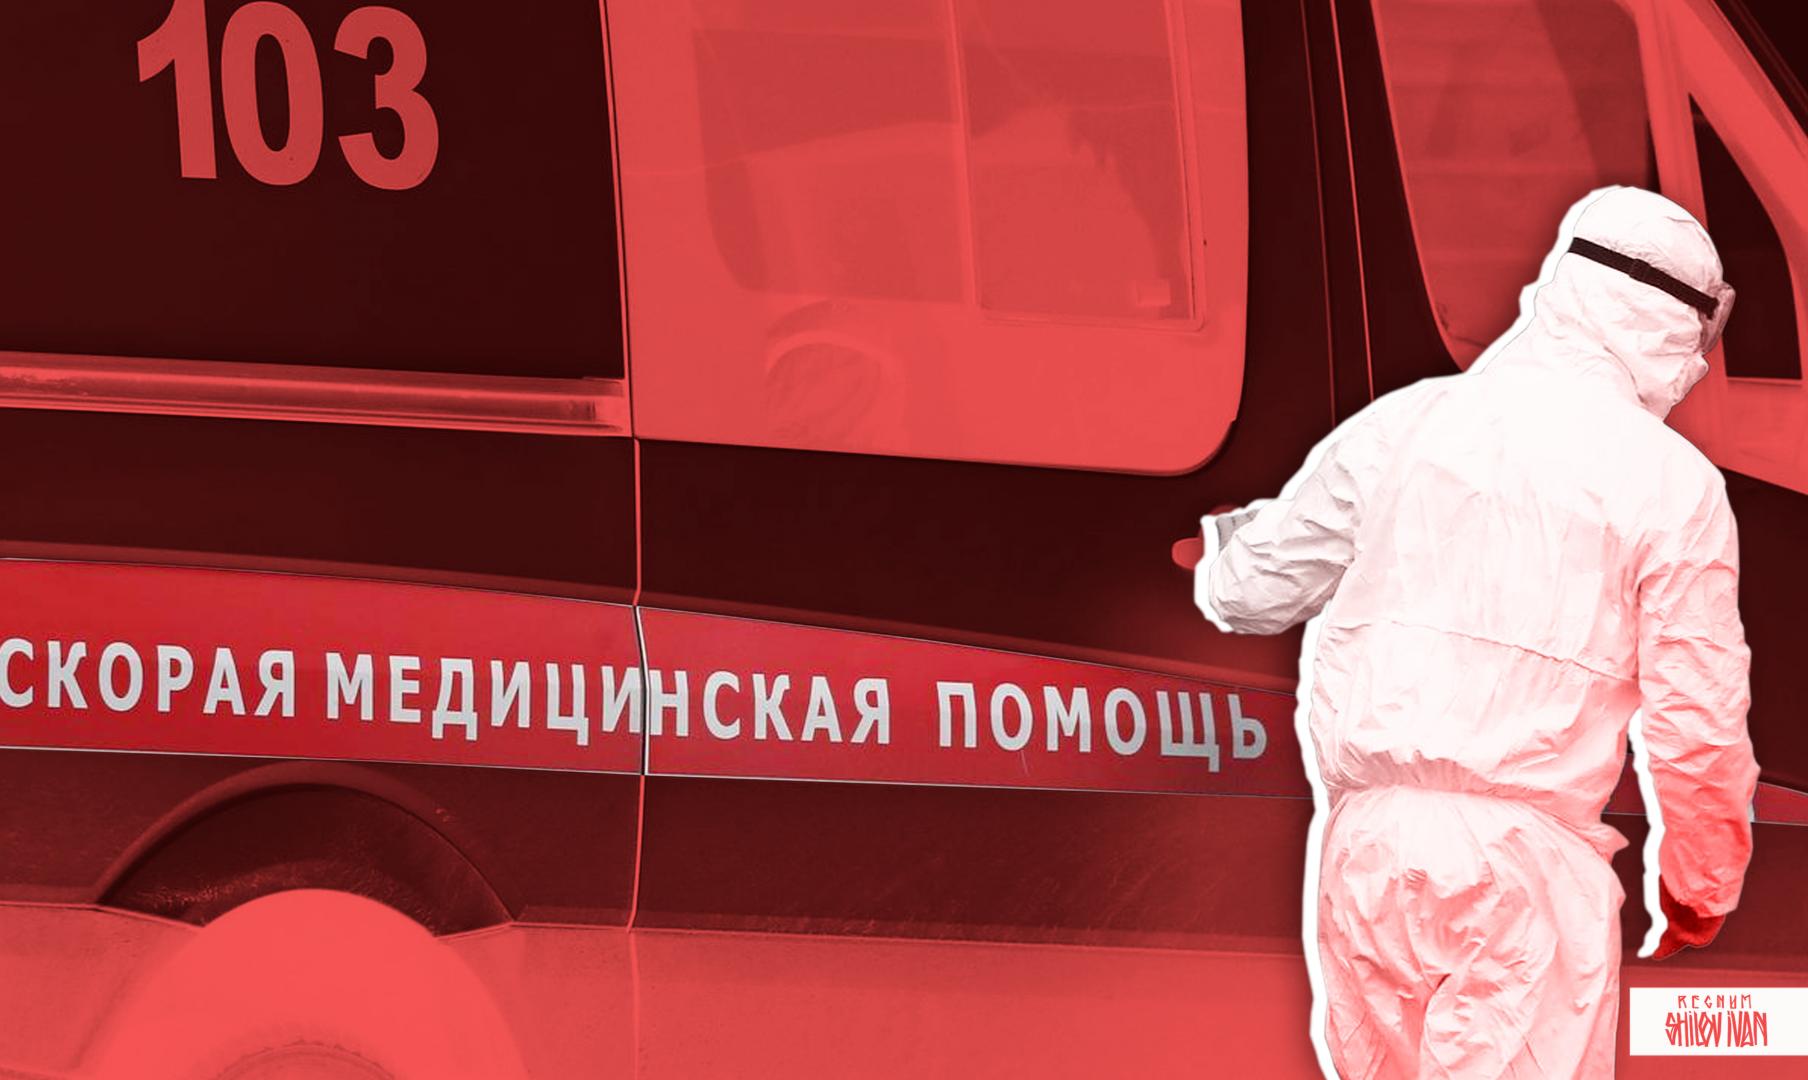 В России общее число заболевших коронавирусом пробило психологическую отметку: в Москве резкий скачок